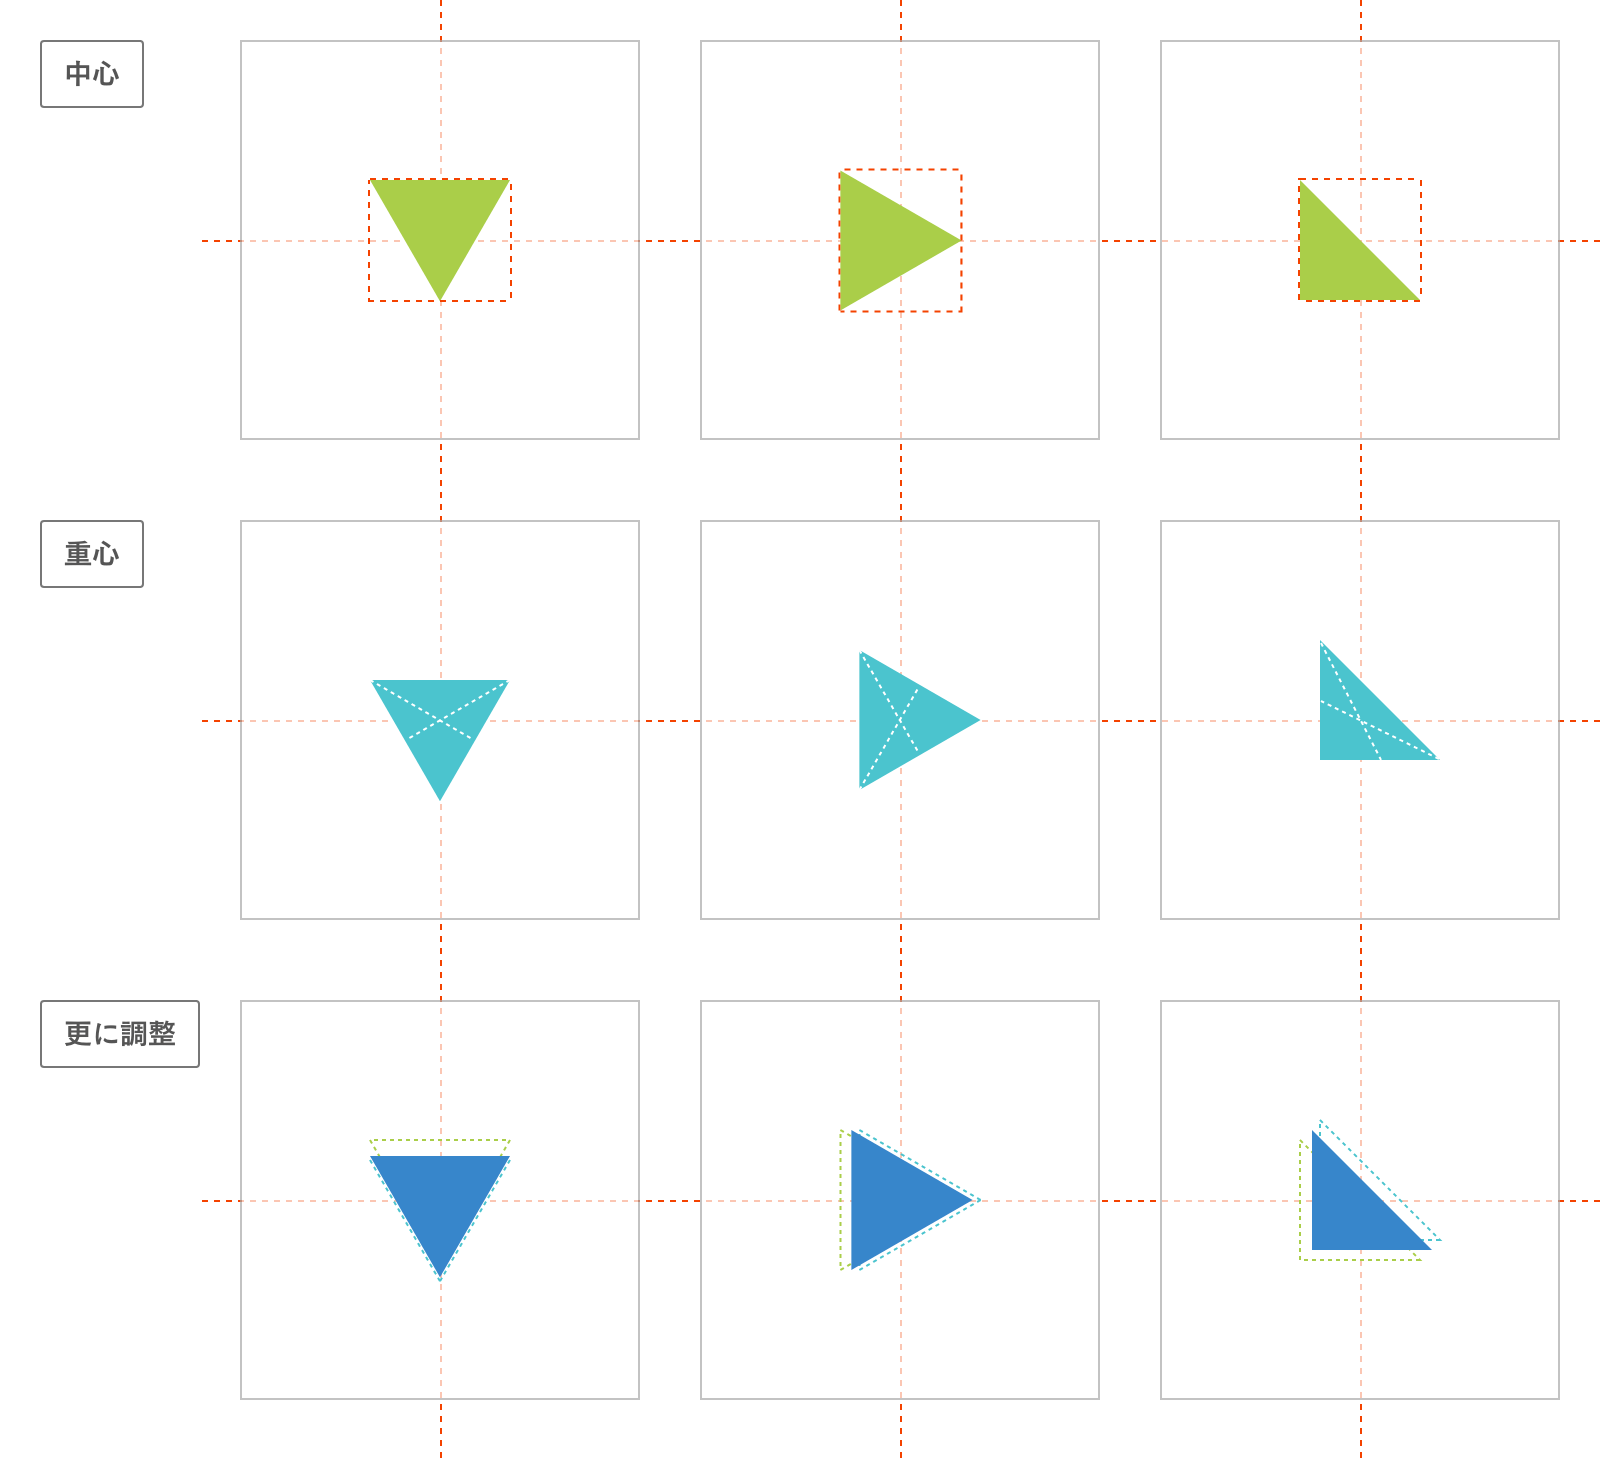 三角形の中央配置